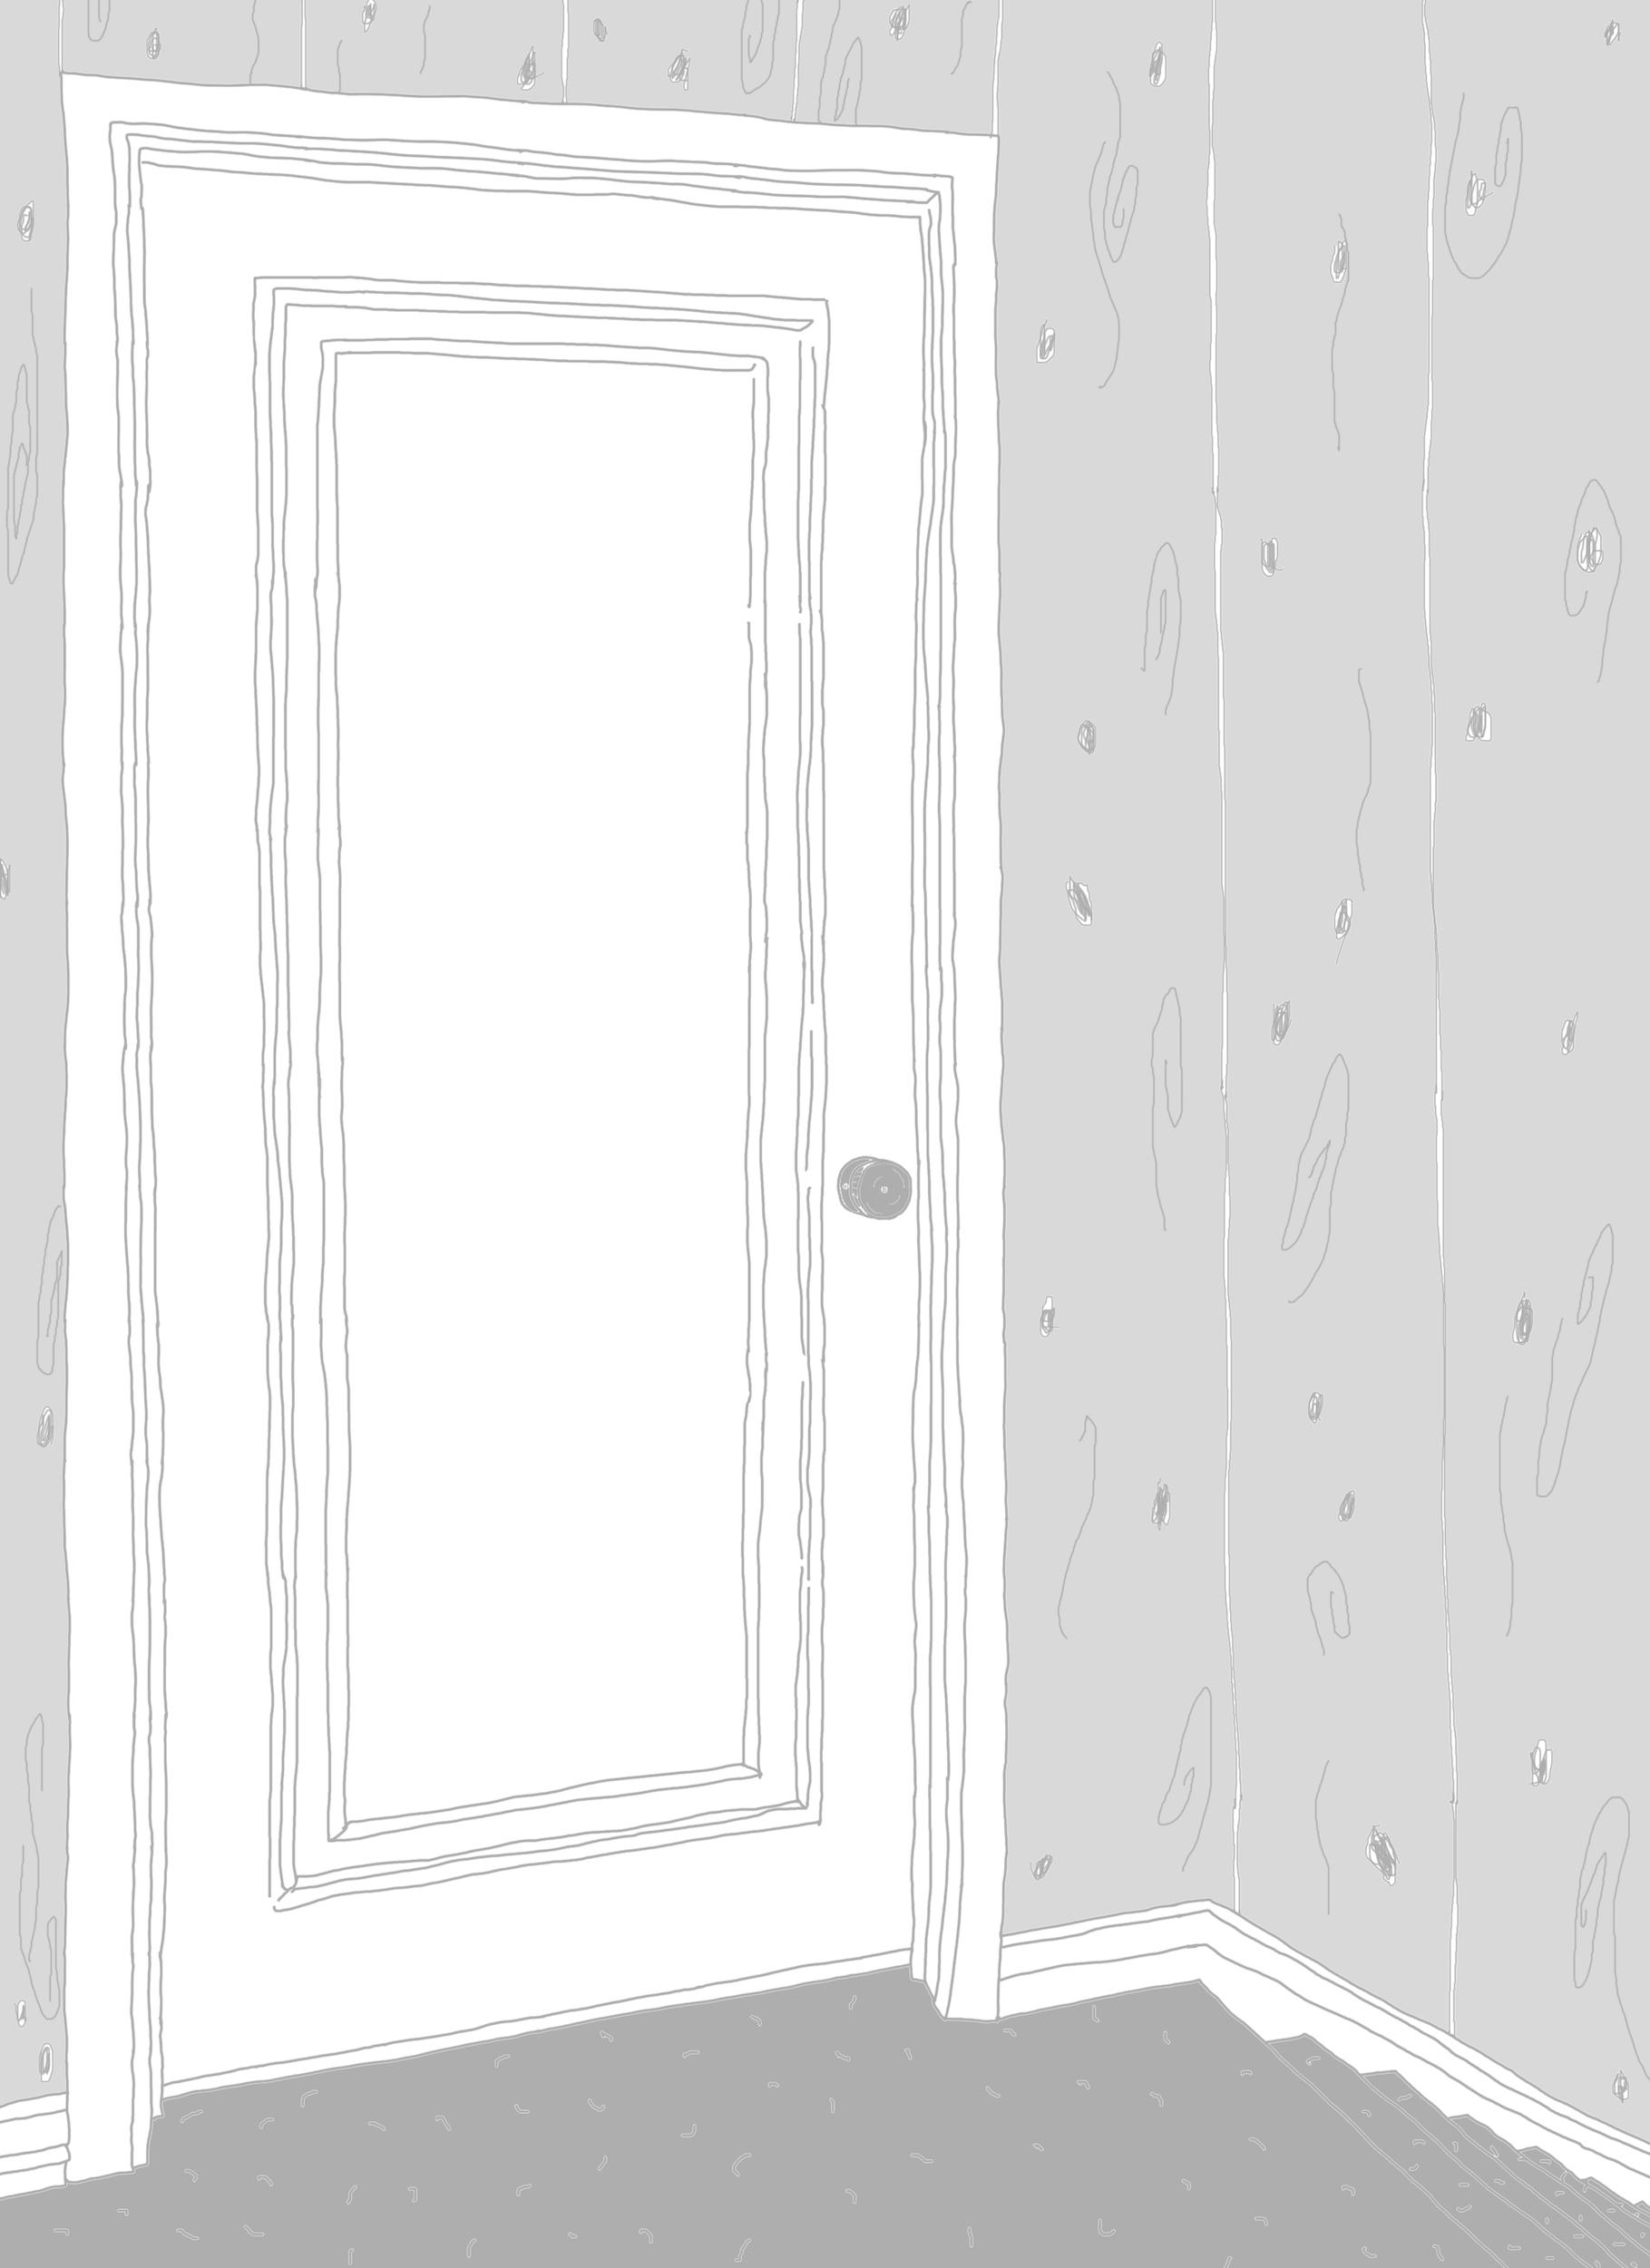 bedroomdoor.jpg